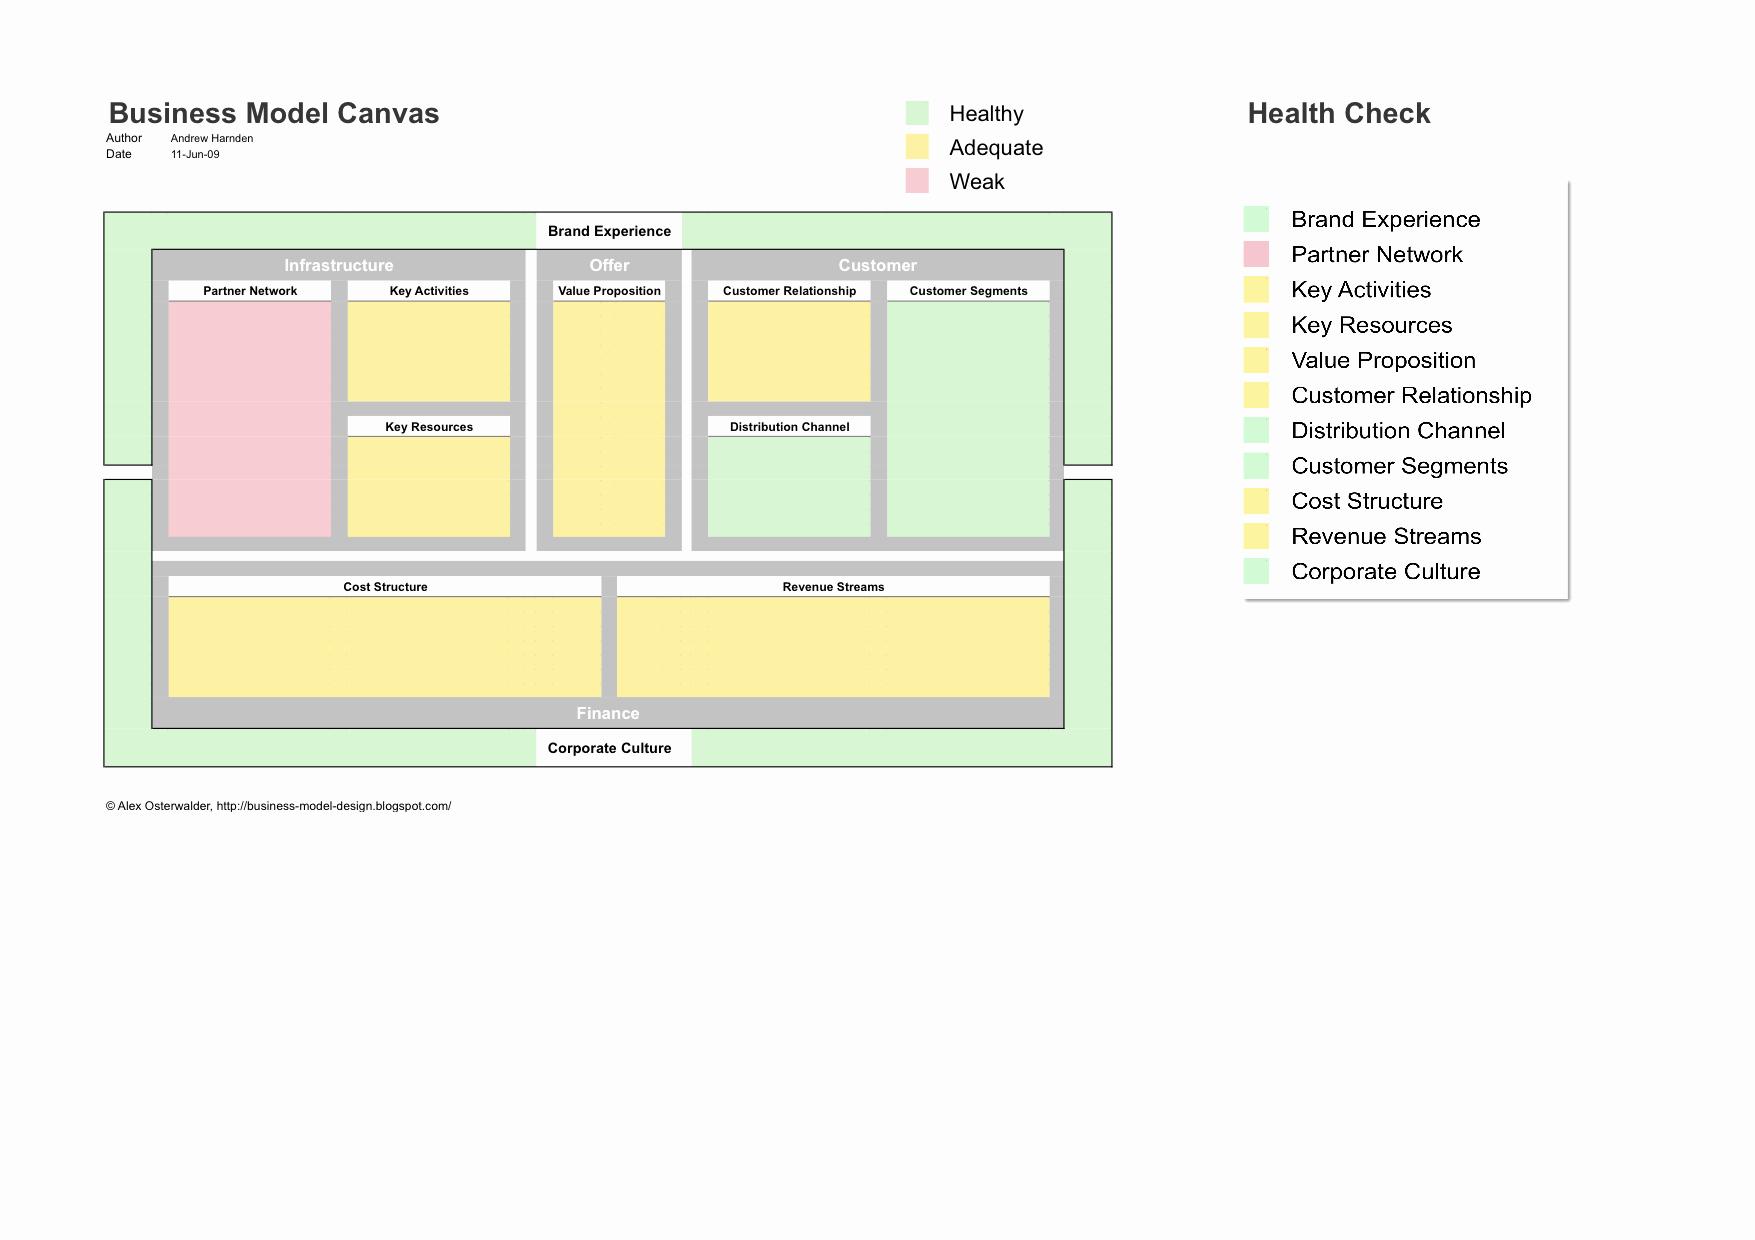 Business Model Canvas Template Excel Unique Business Model Canvas Template